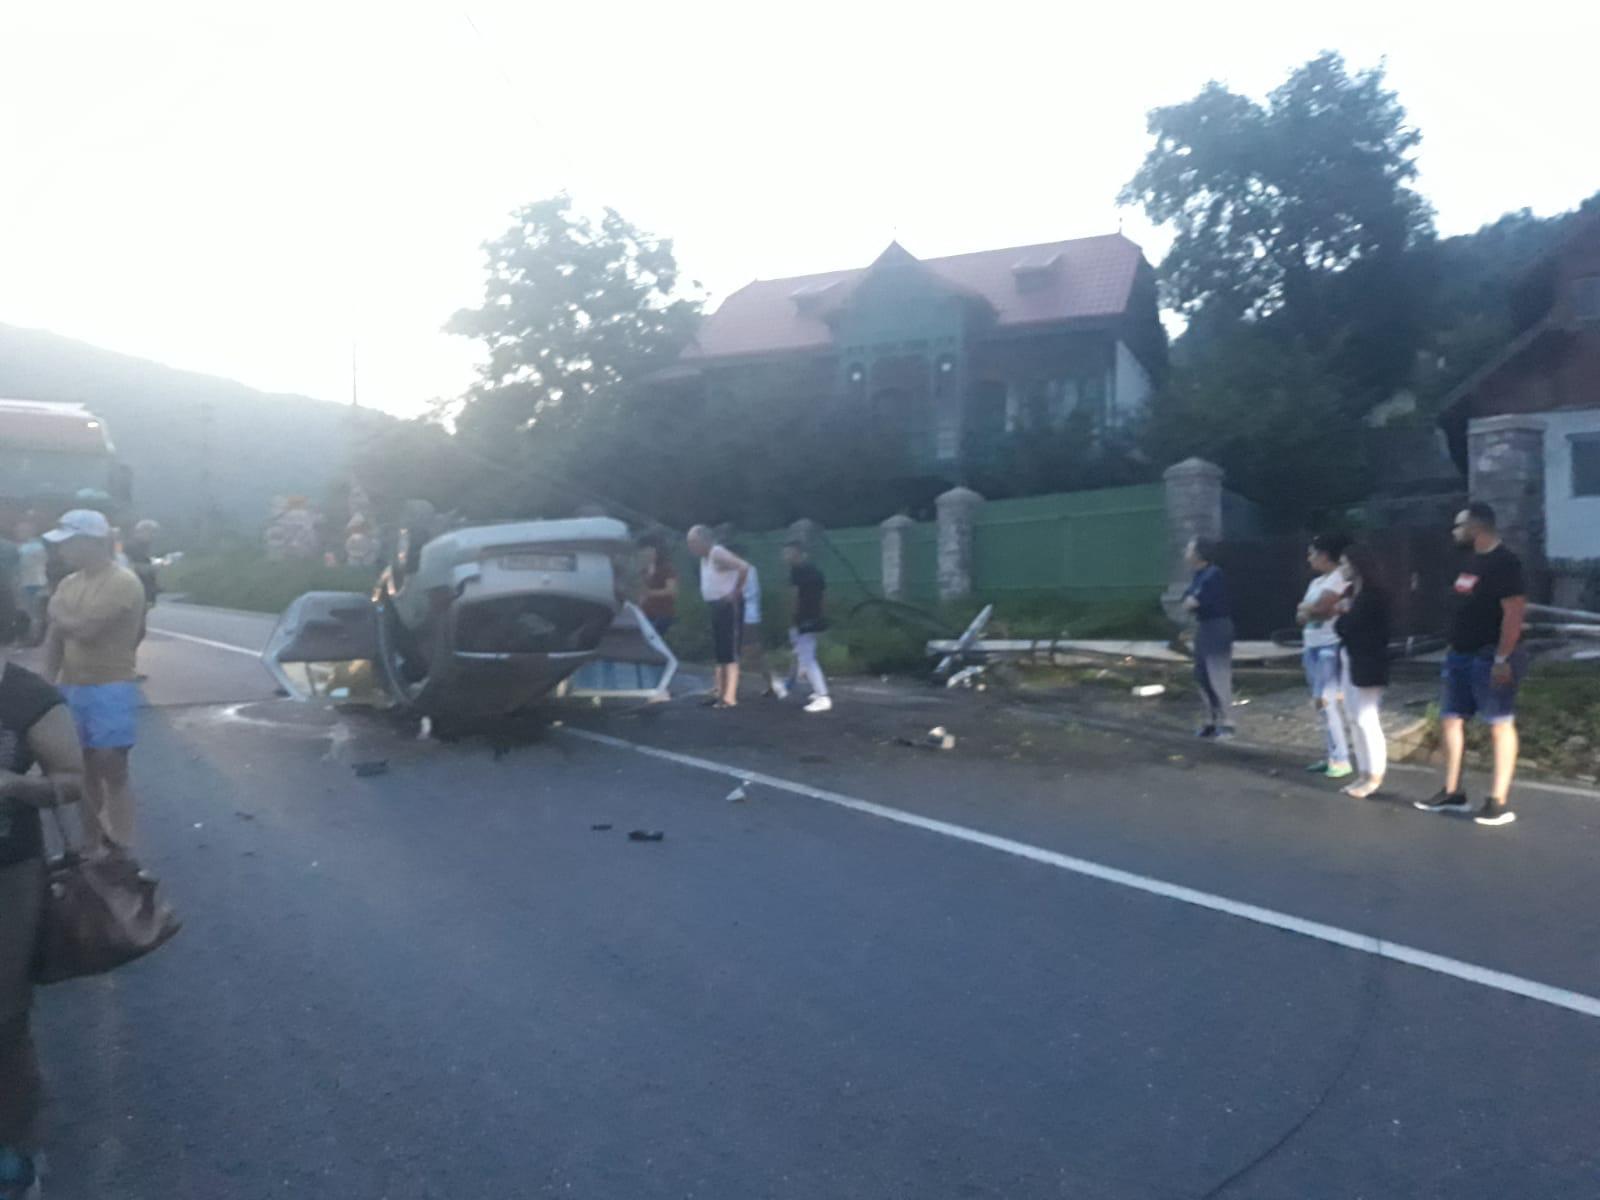 FOTO Accident la Comarnic: o șoferiță a rupt un stâlp, apoi s-a răsturnat cu mașina